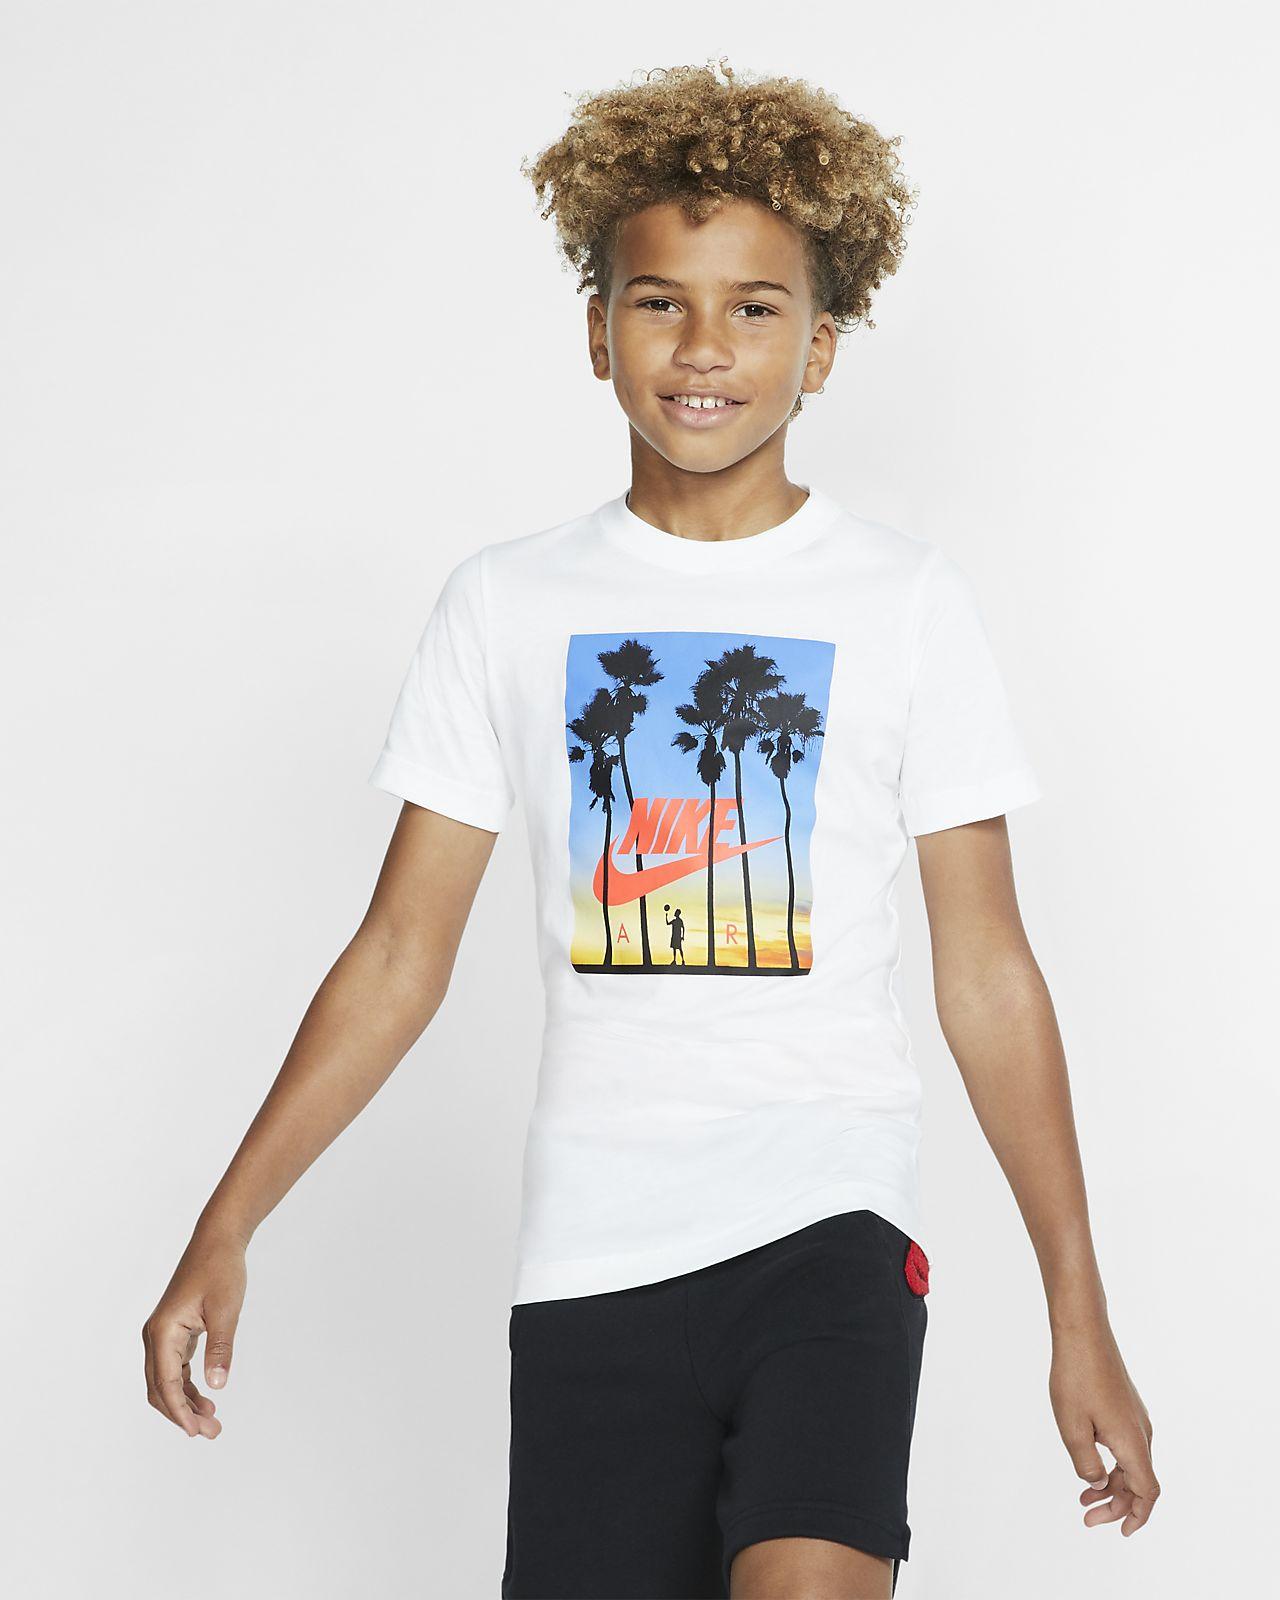 Nike Air Erkek Çocuk Tişörtü